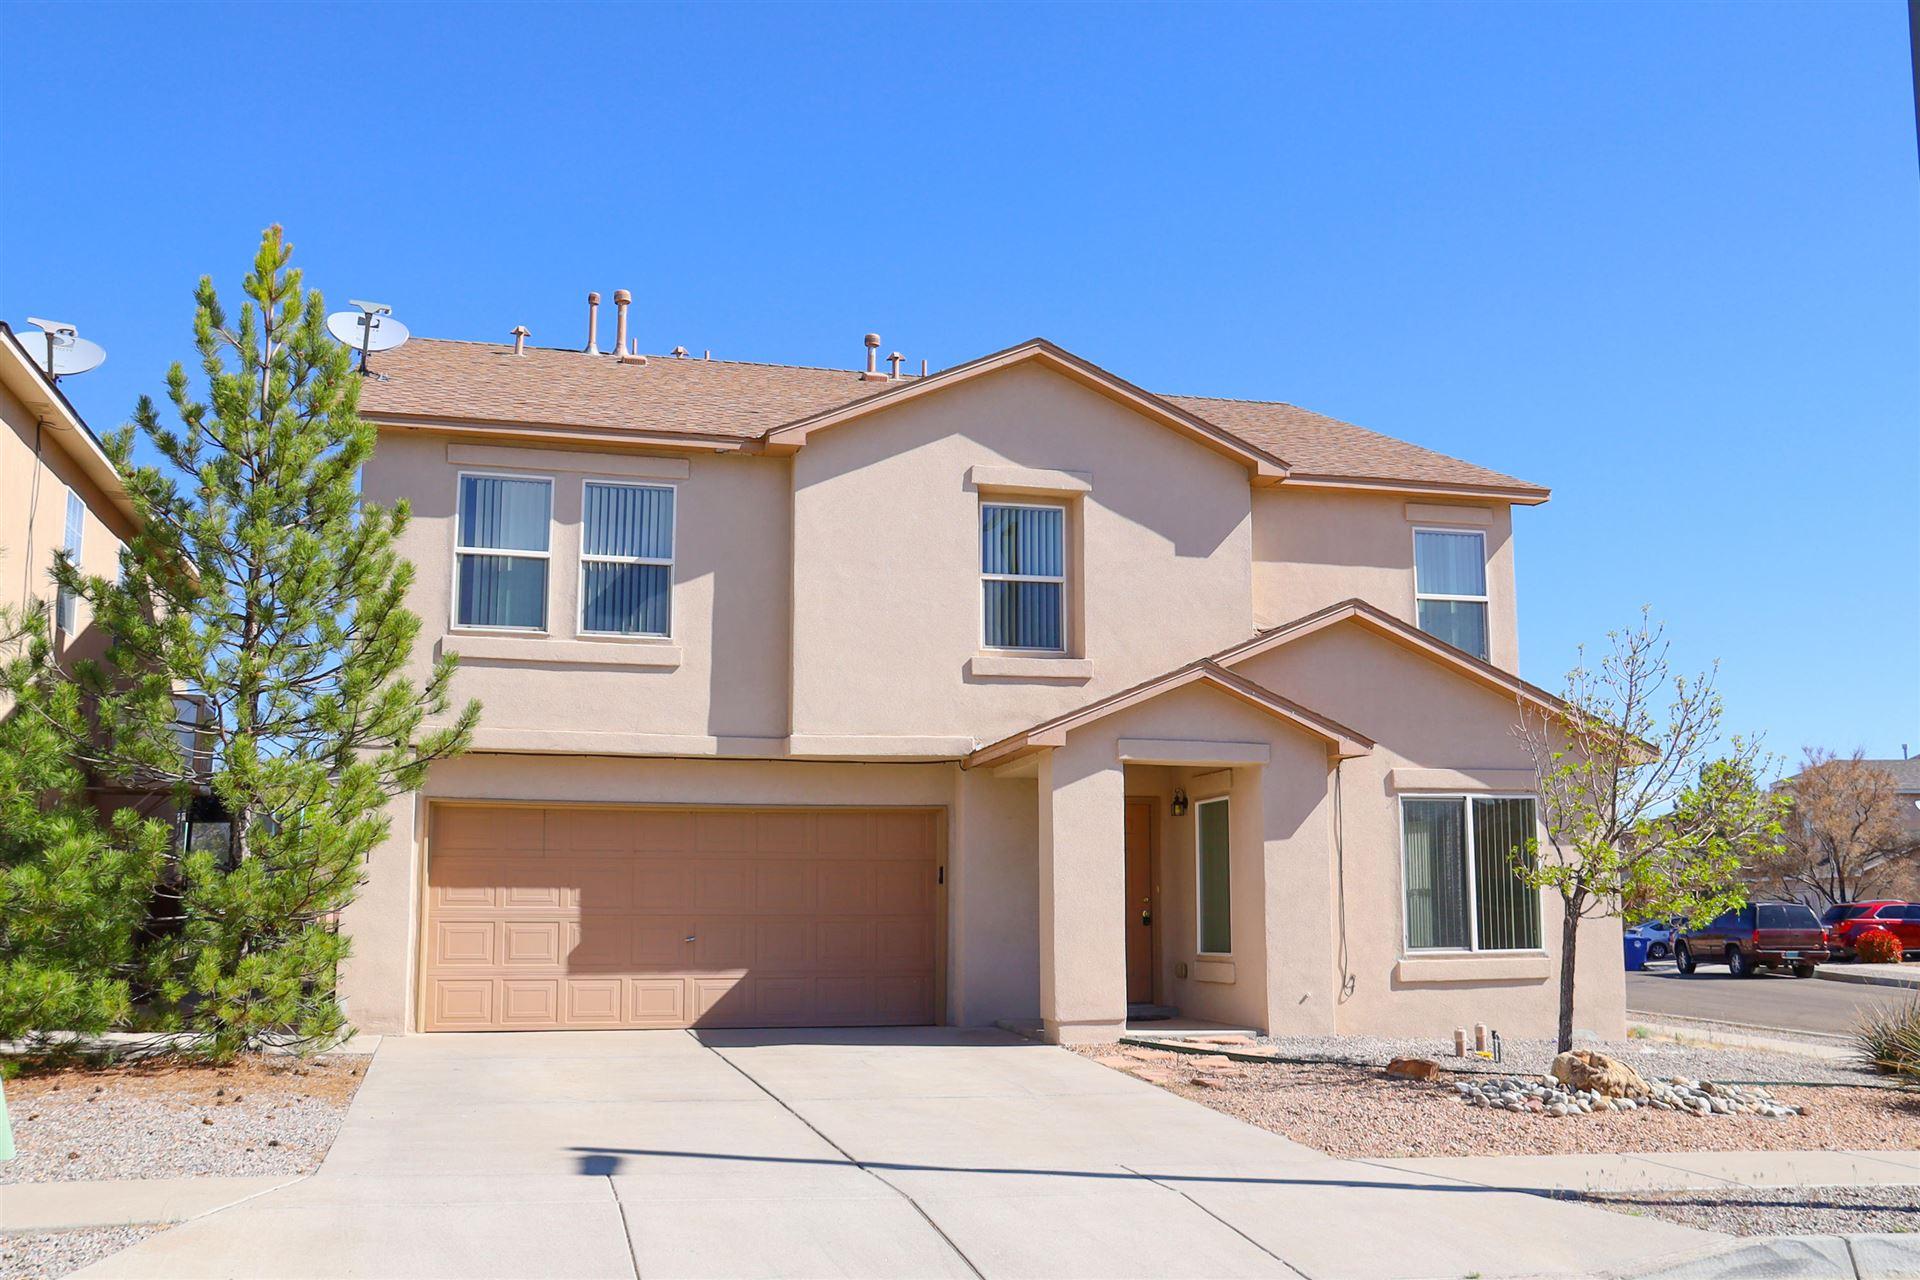 Photo of 7601 STADLER Avenue NE, Albuquerque, NM 87114 (MLS # 989886)